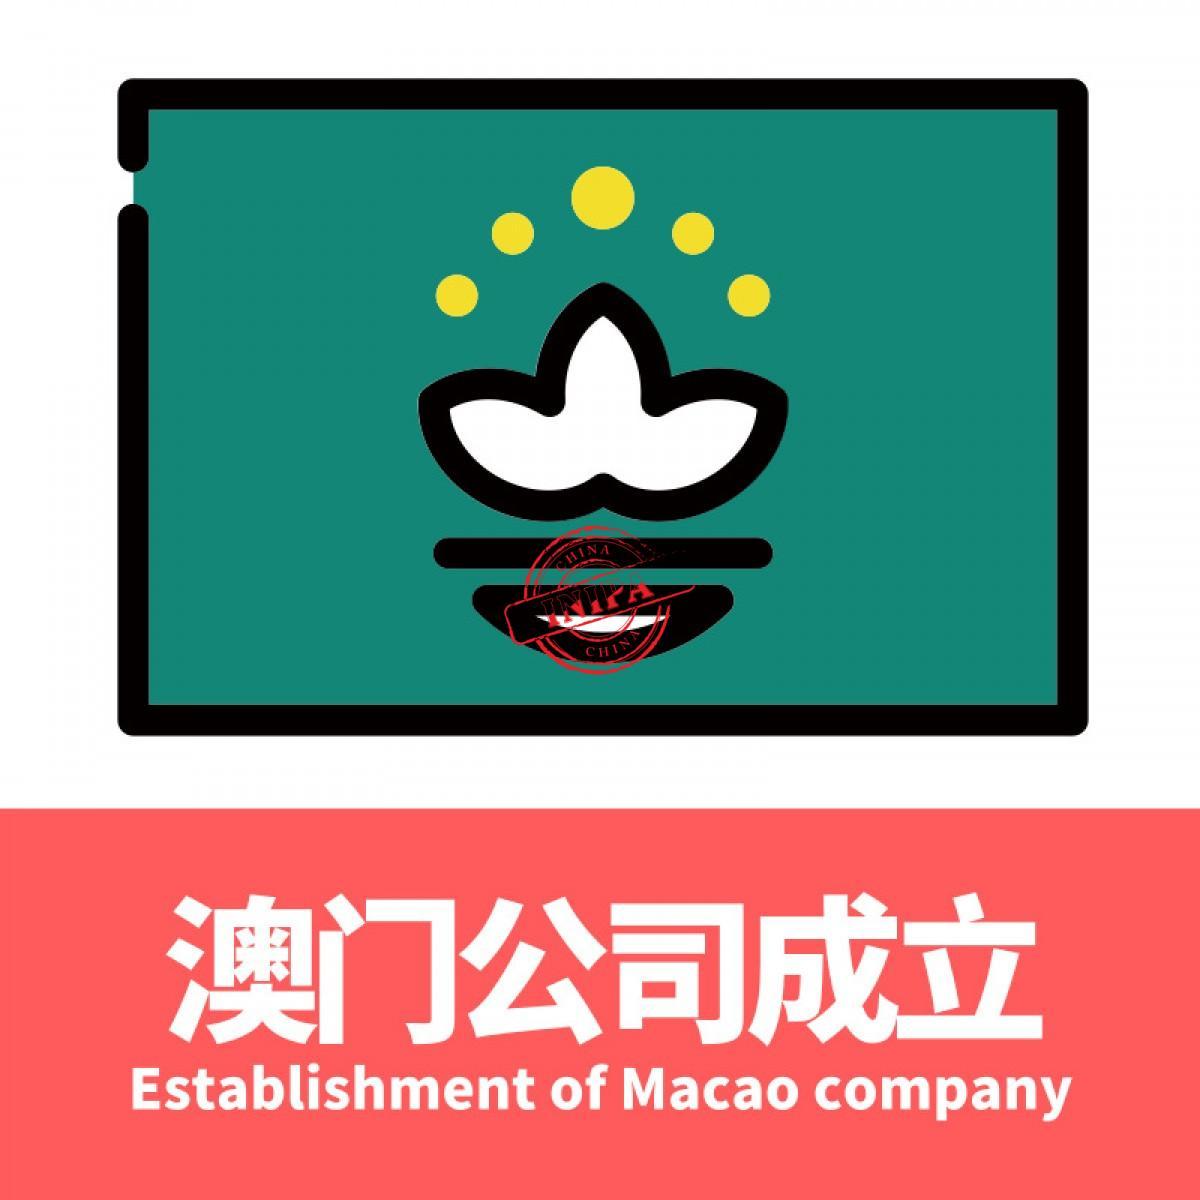 澳门公司成立/Macao company established